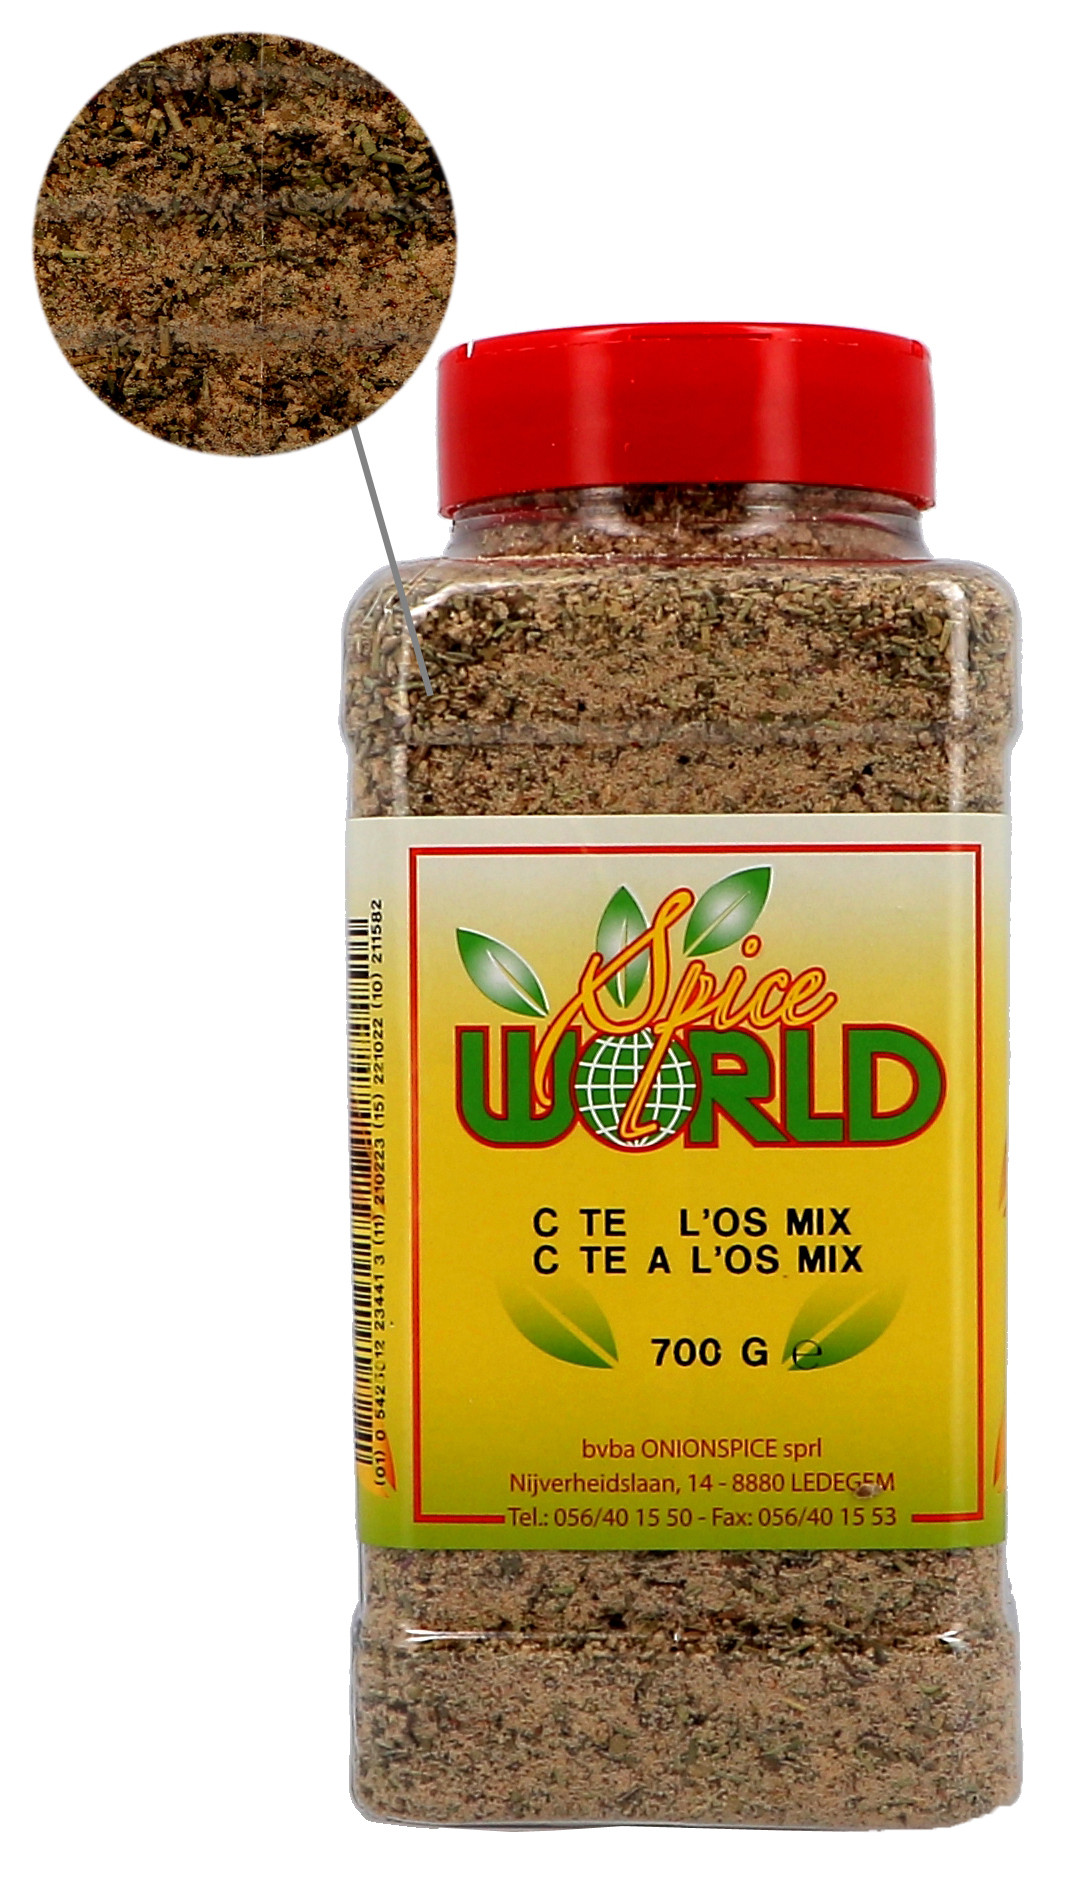 Cote a l'Os-mix kruiden 700gr Cello Spice World